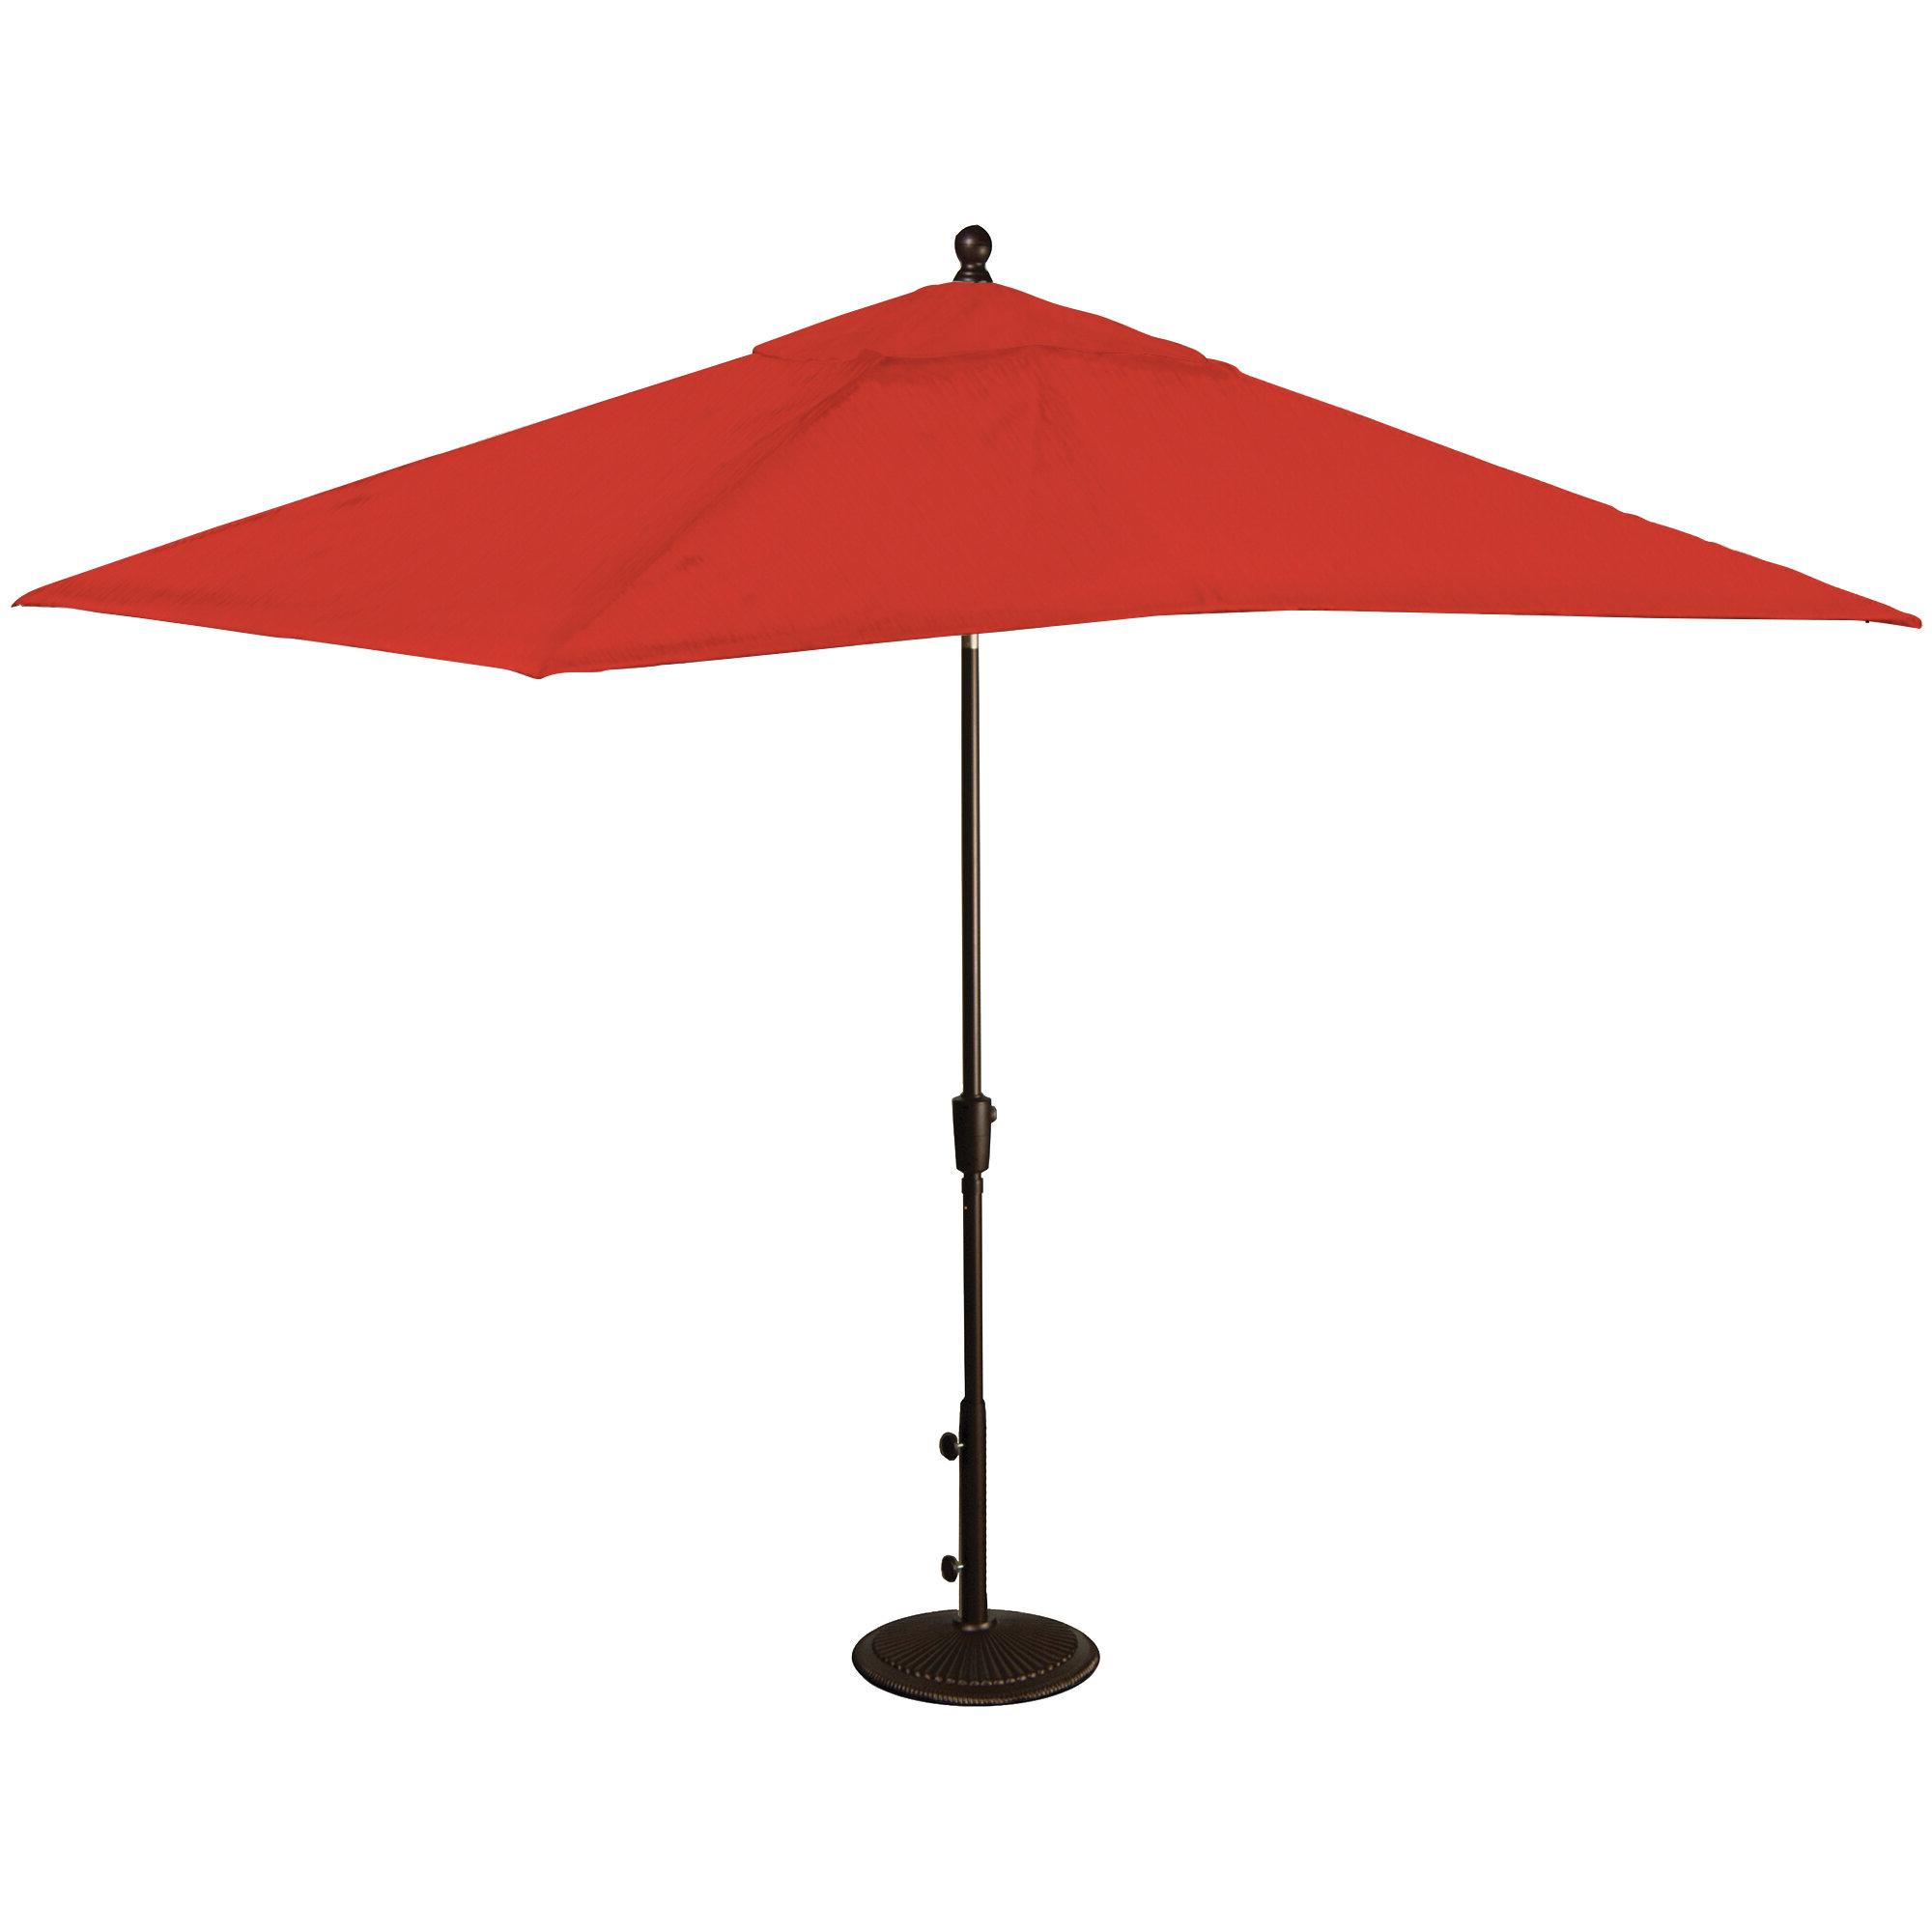 Trendy Hatten Market Umbrellas For Caspian 8' X 10' Rectangular Market Umbrella (View 7 of 20)